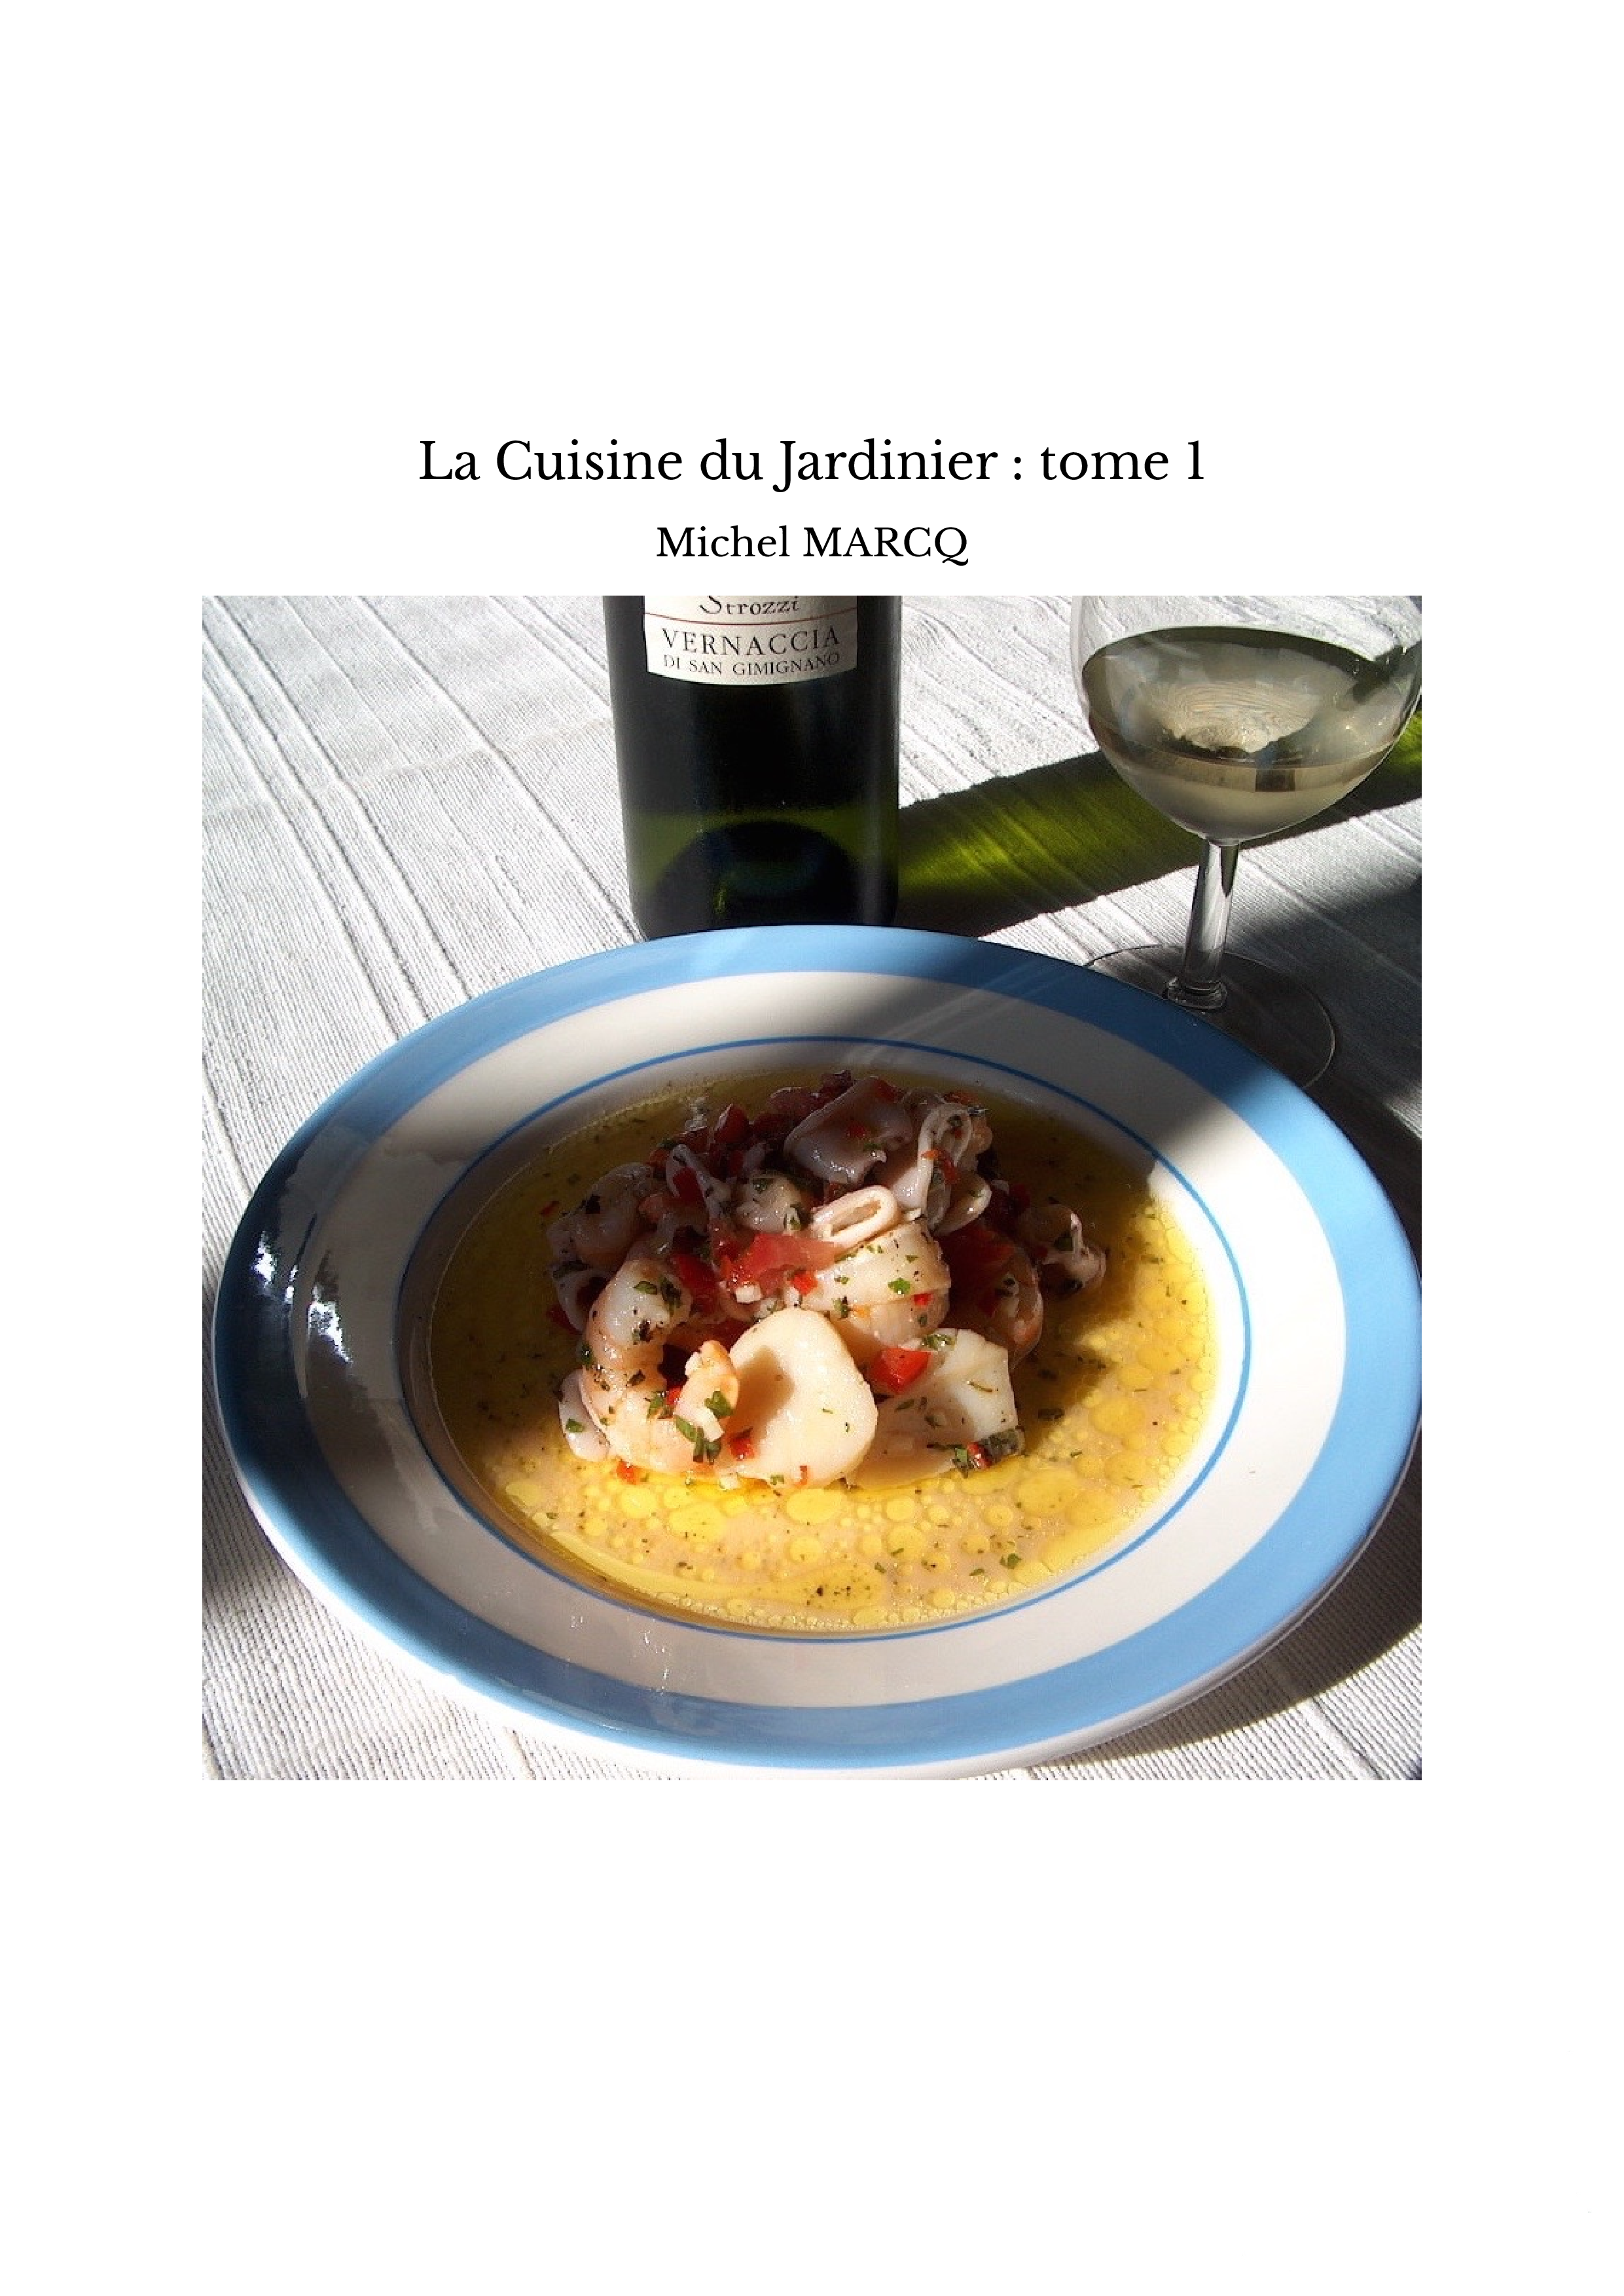 La Cuisine du Jardinier : tome 1